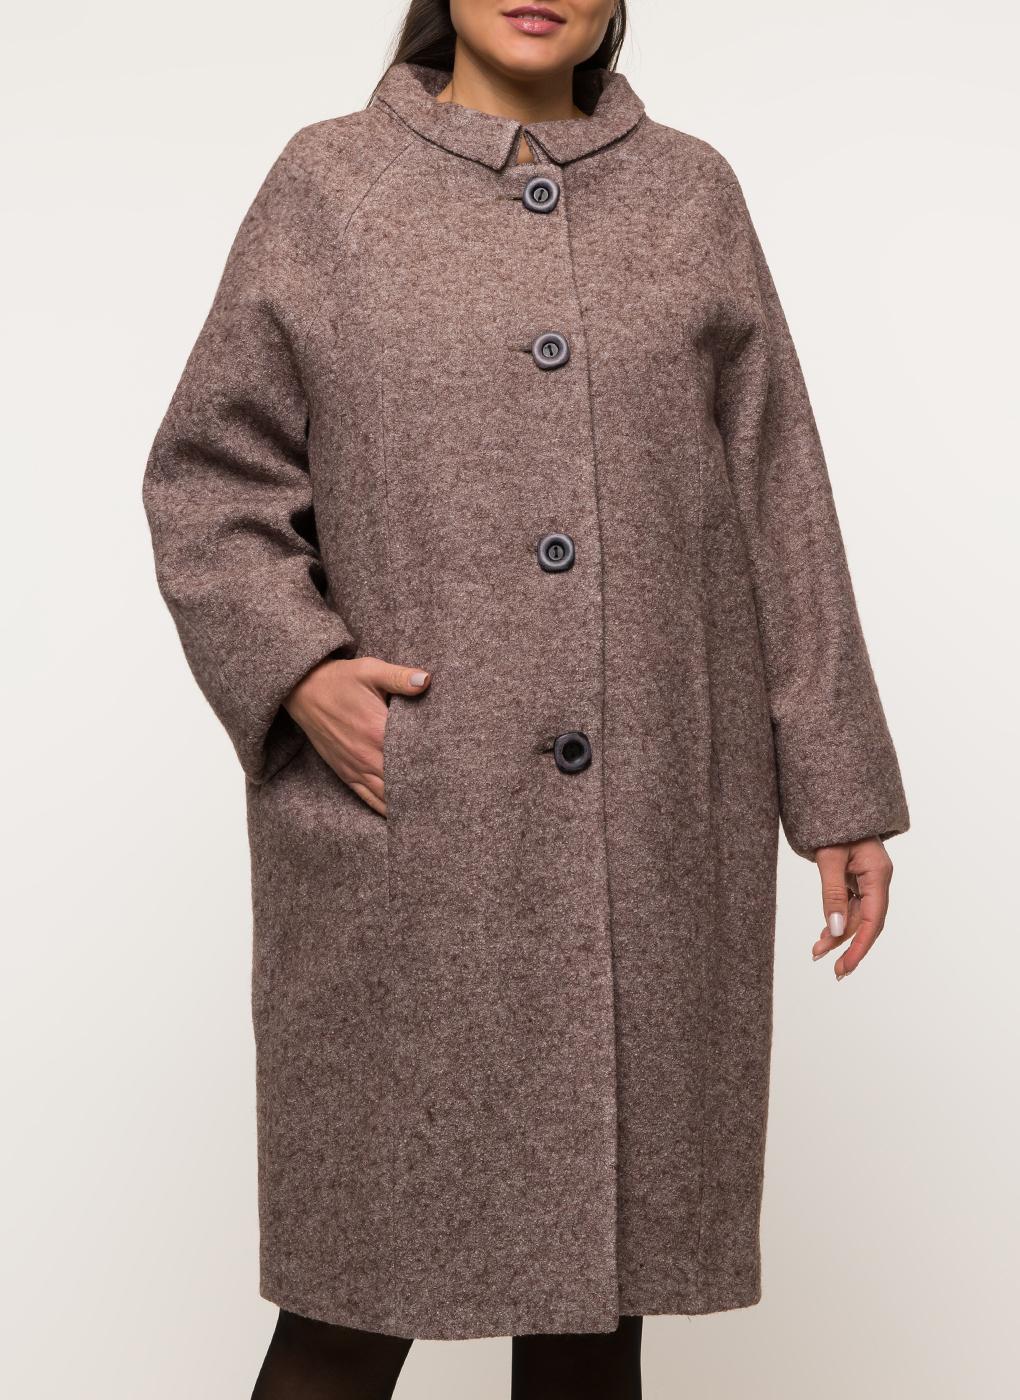 Пальто прямое шерстяное 45, Amulet фото